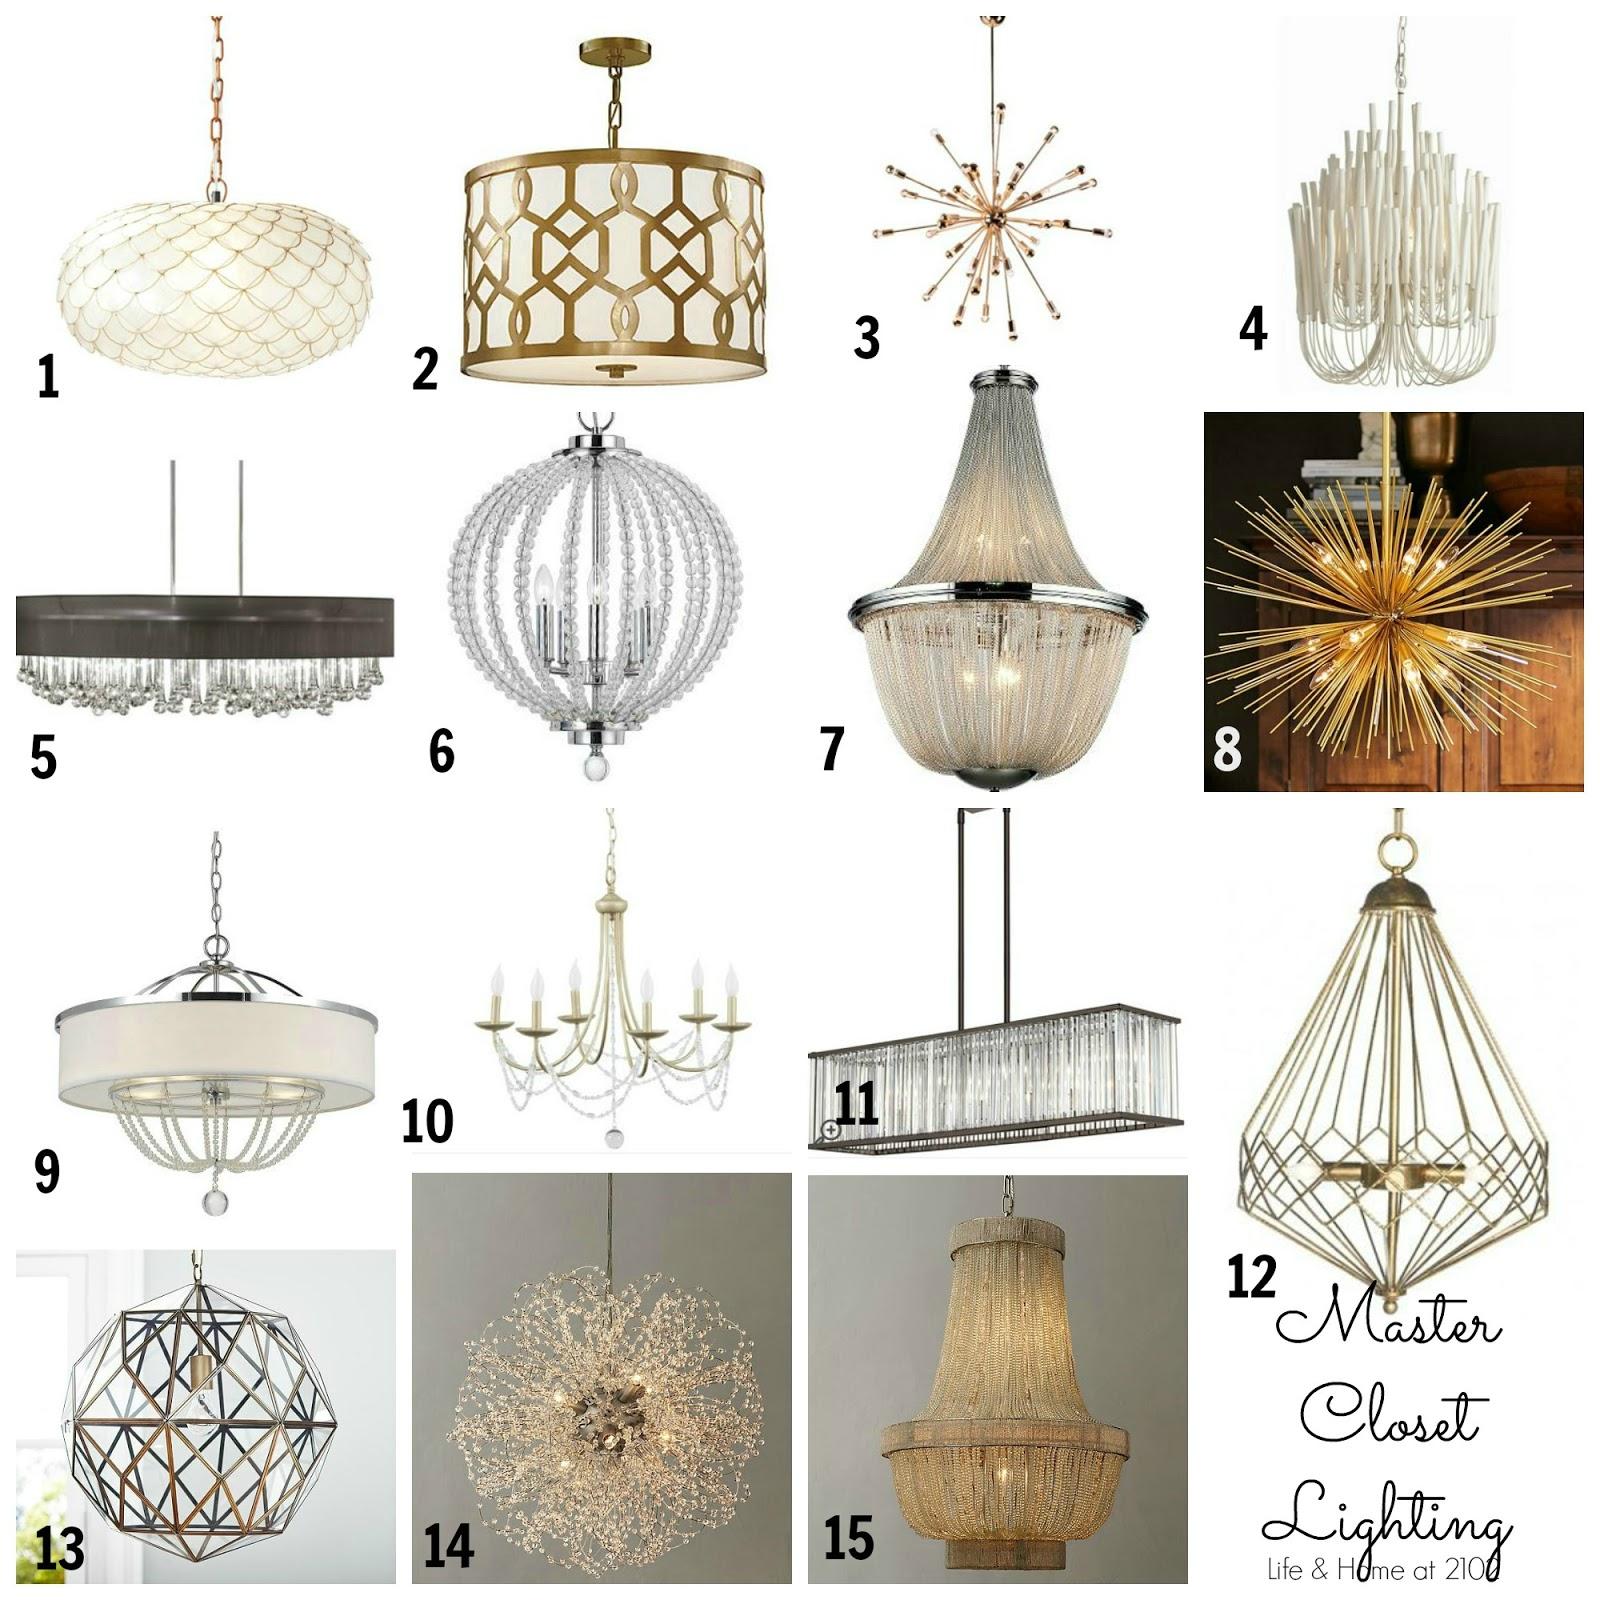 1) Capiz Scalloped Chandelier 2) Asti Pendant 3) 24 Light Chandelier 4)  Tilda 5 Light Wood Chandelier 5) Tamara 8 Light Drum Chandelier 6) Cal  Lighting ...